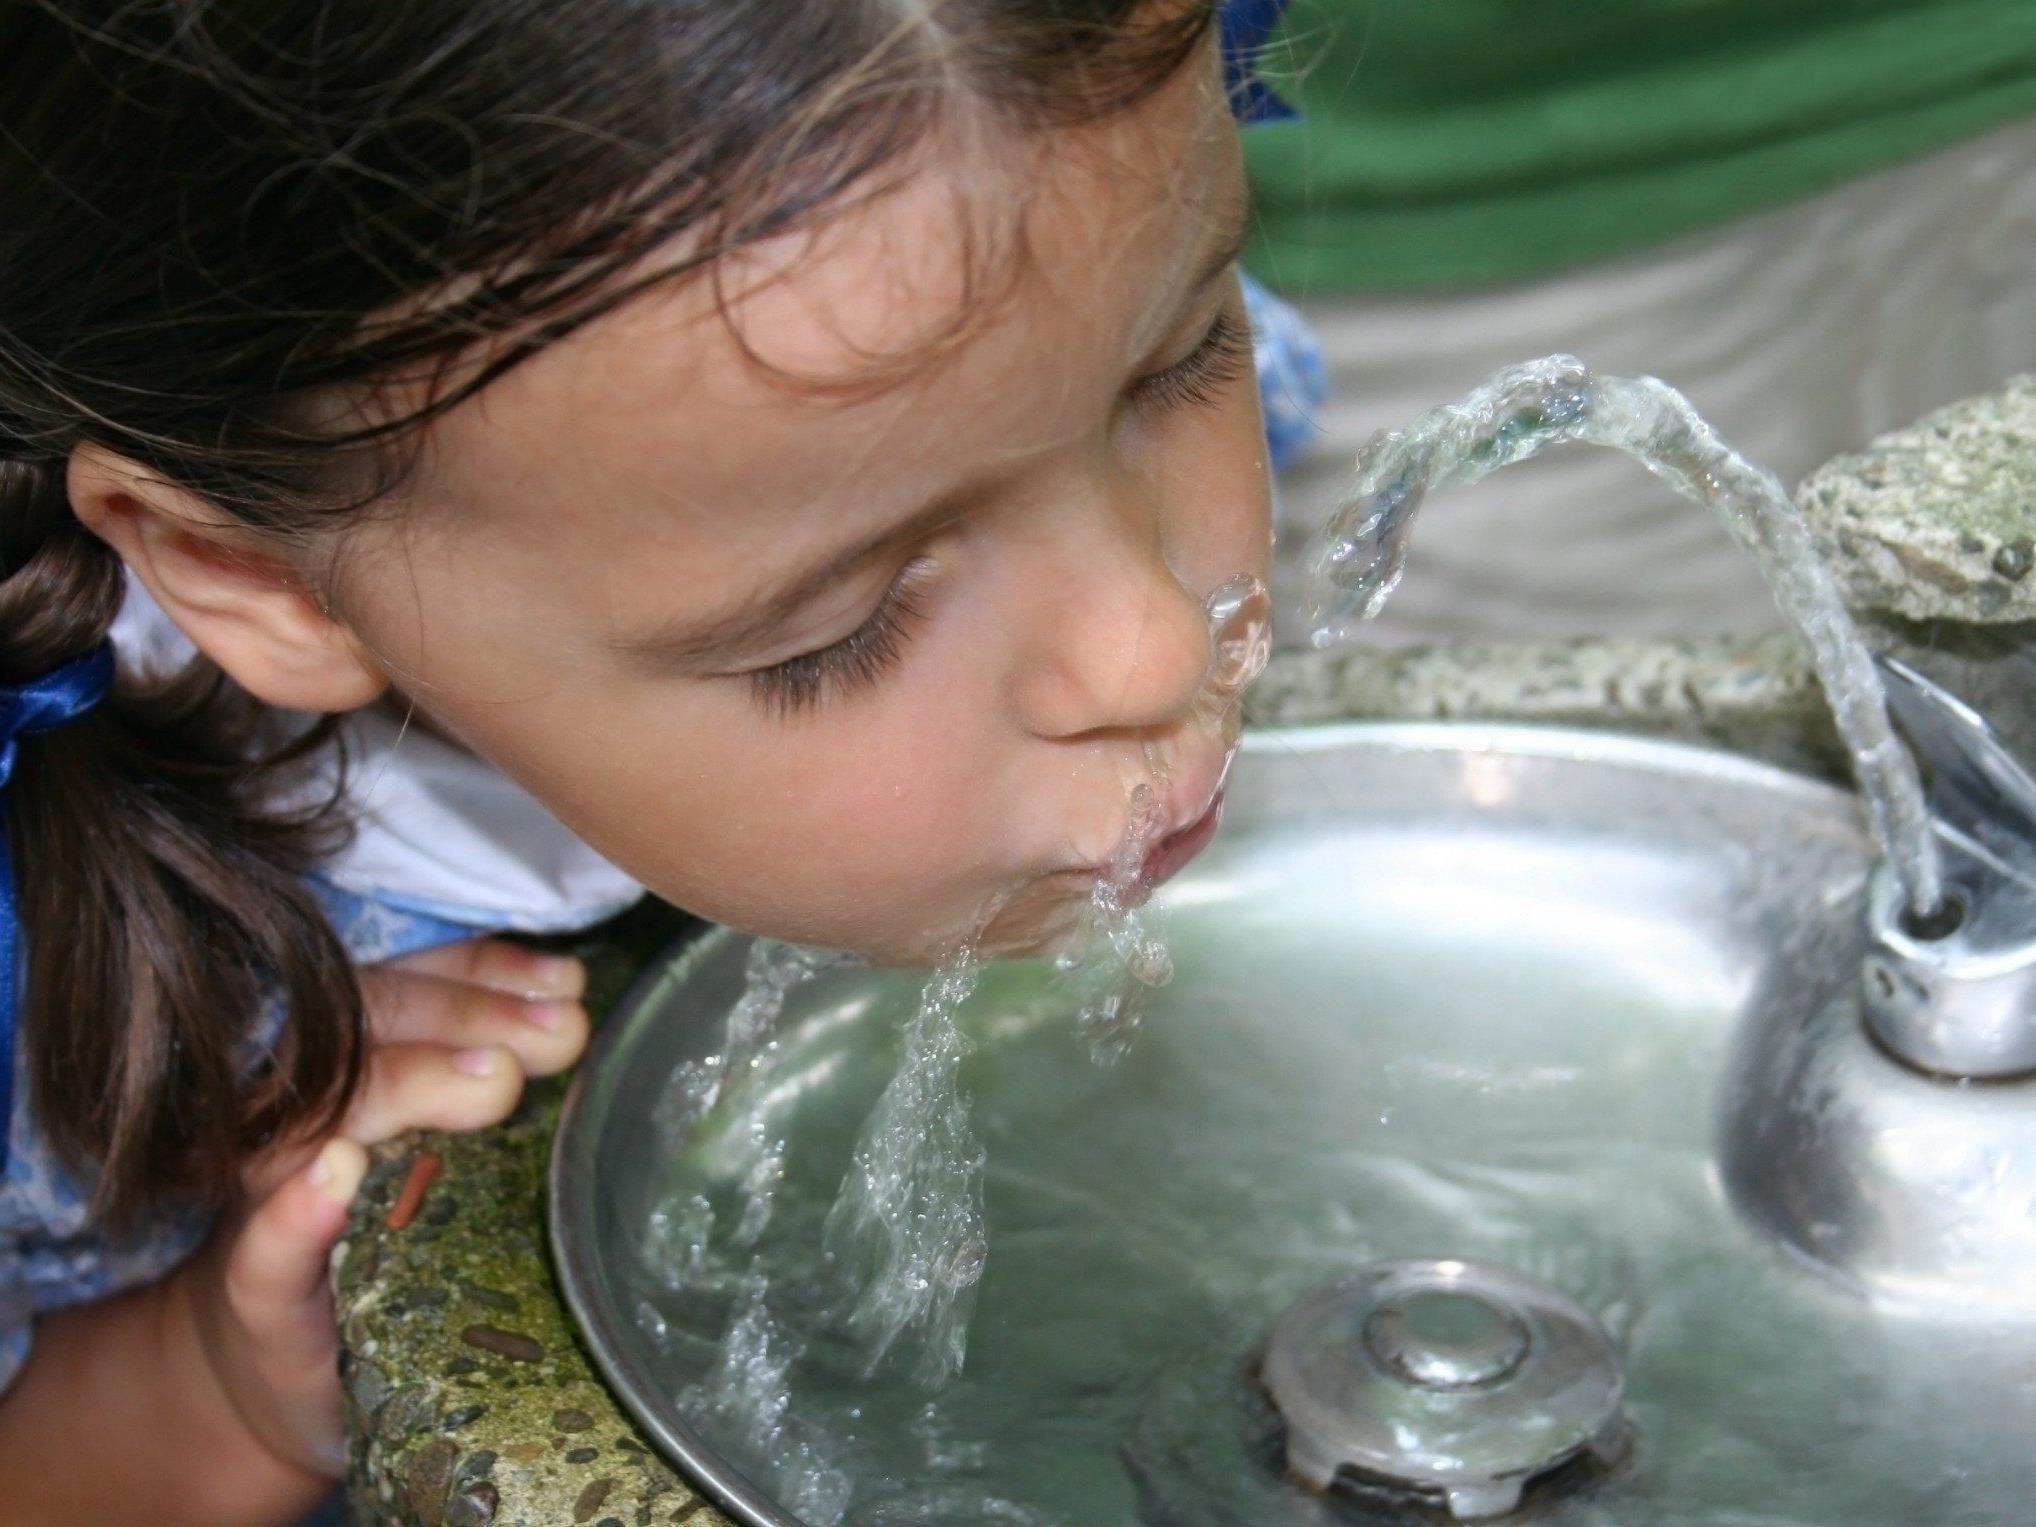 Kinder im Volksschulalter sollten täglich etwa einen Liter Wasser trinken und ab  10 Jahren sind 1,25 Liter pro Tag empfehlenswert.